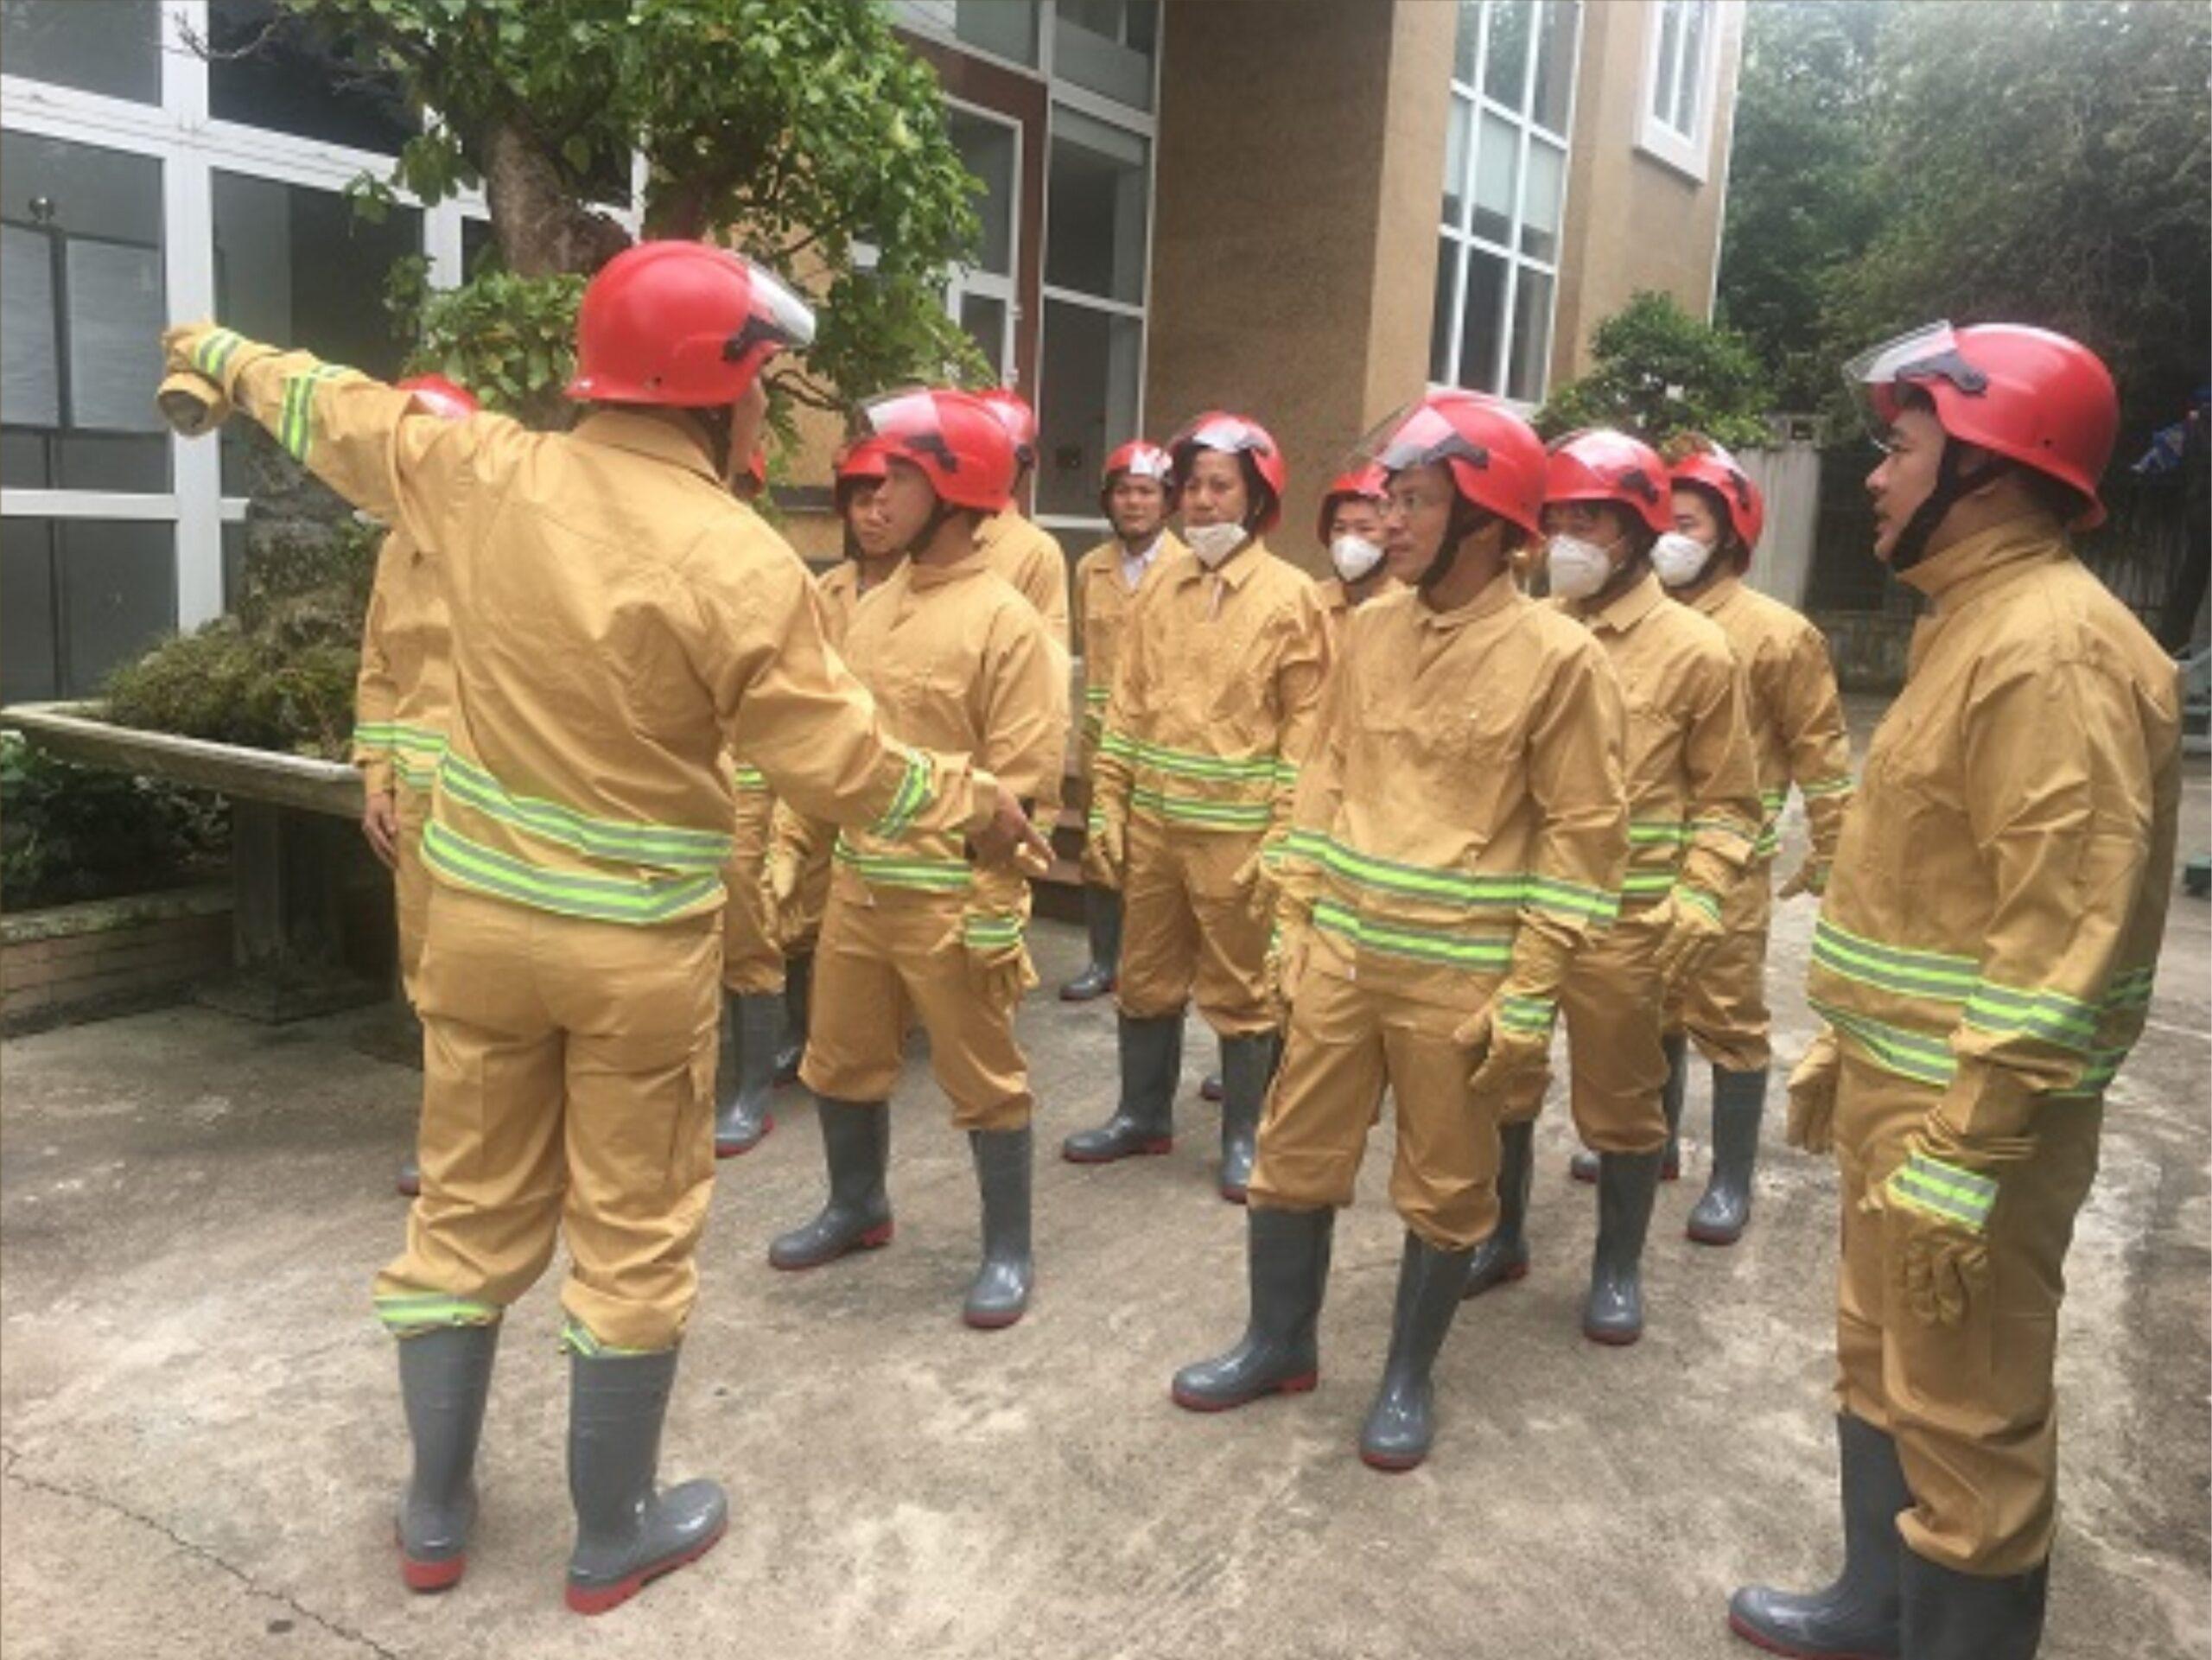 Trang phục chữa cháy bảo vệ đội ngũ cứu hỏa an toàn